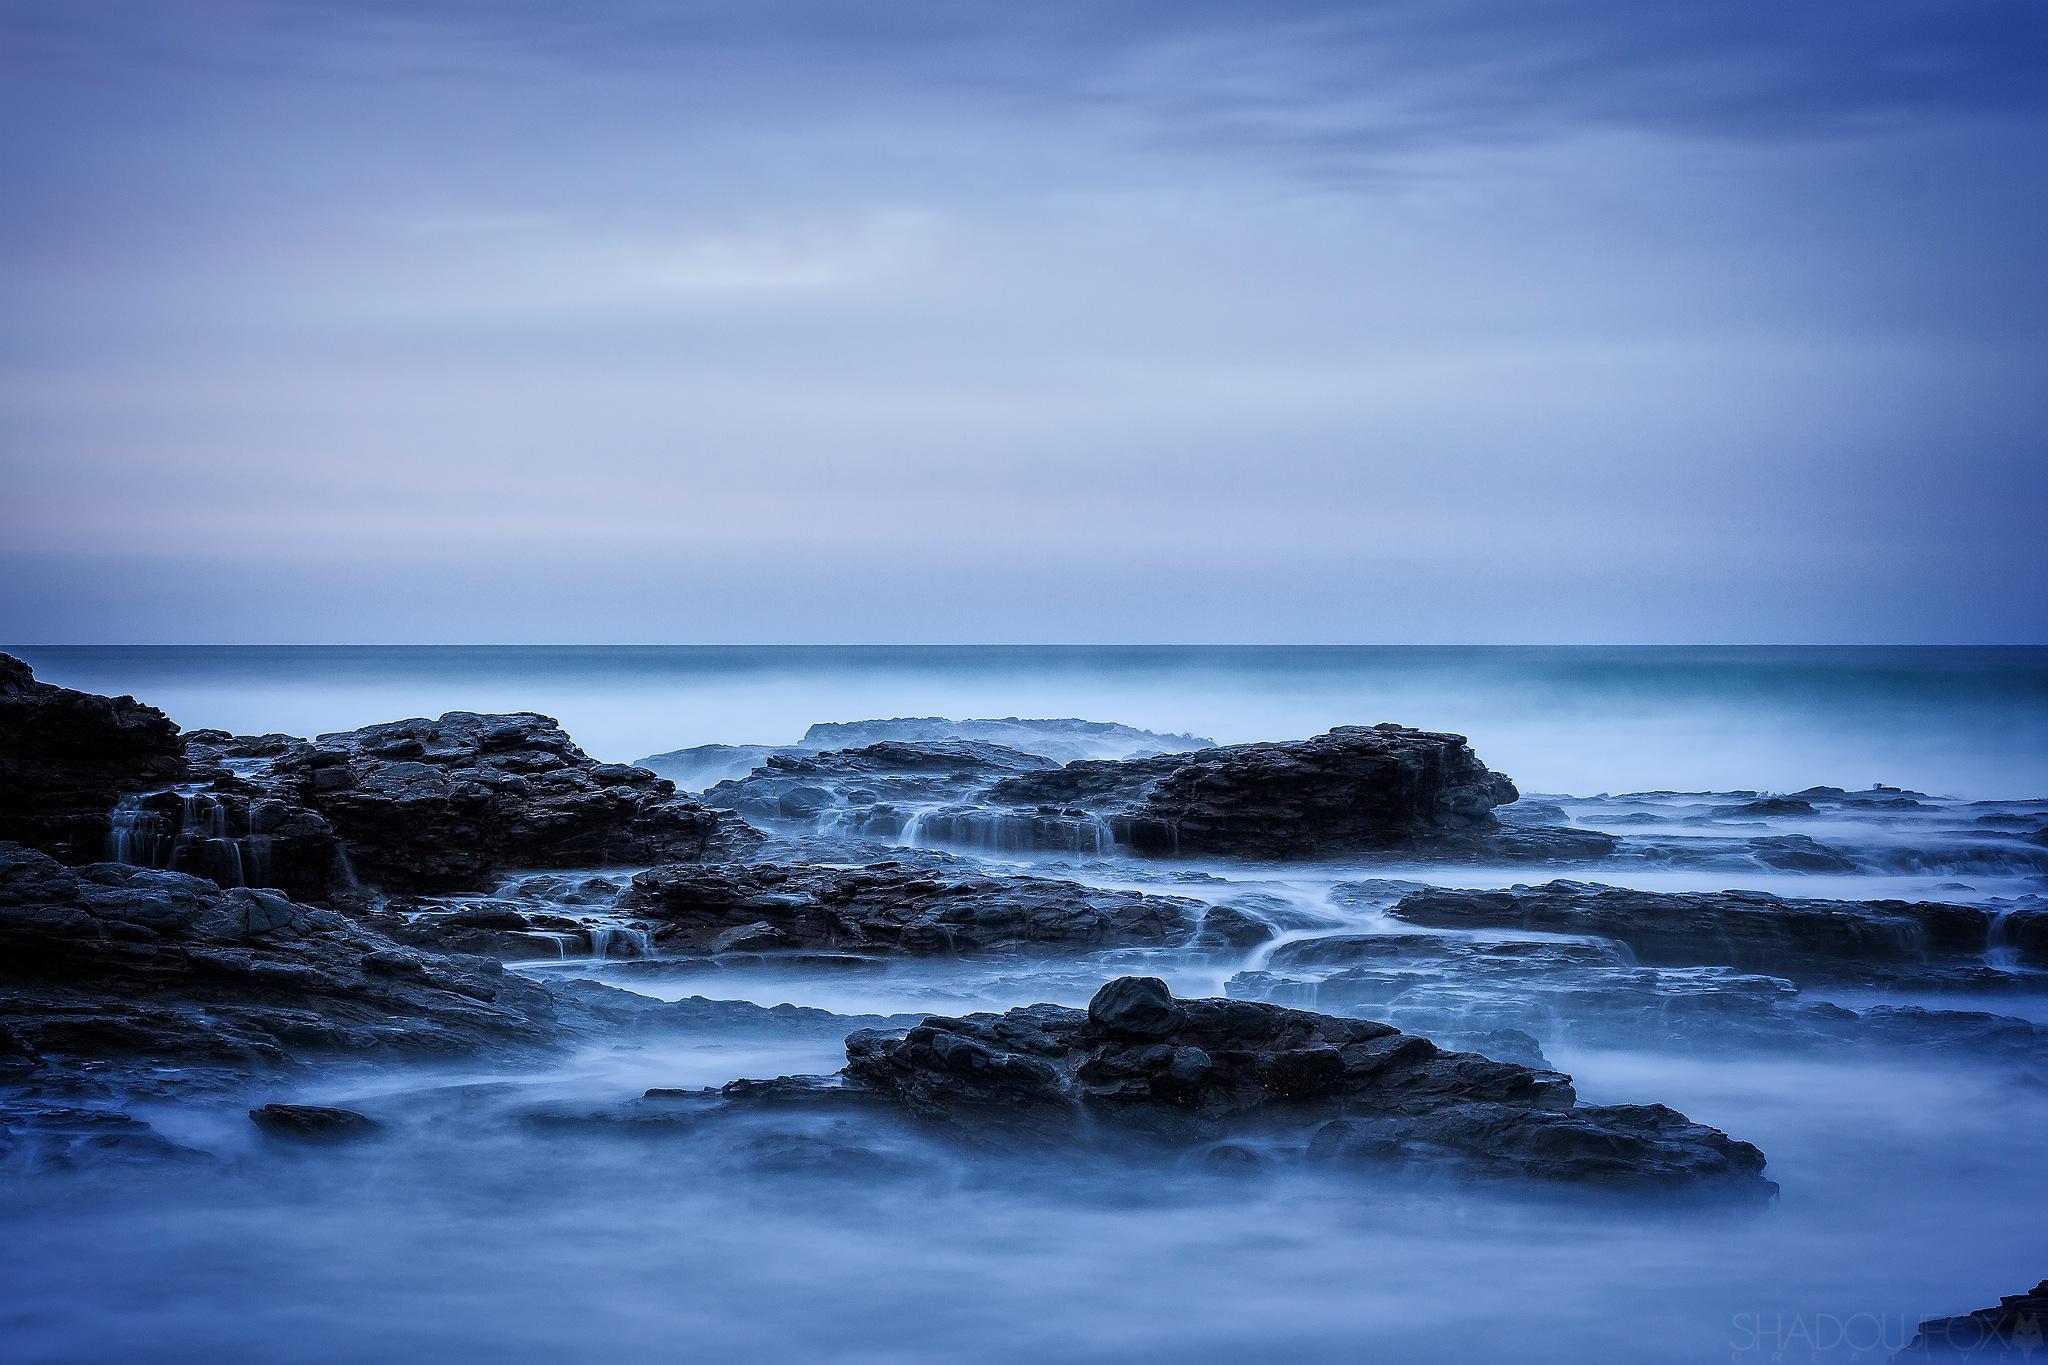 St Kilda rocks 2018 by Mark Fox